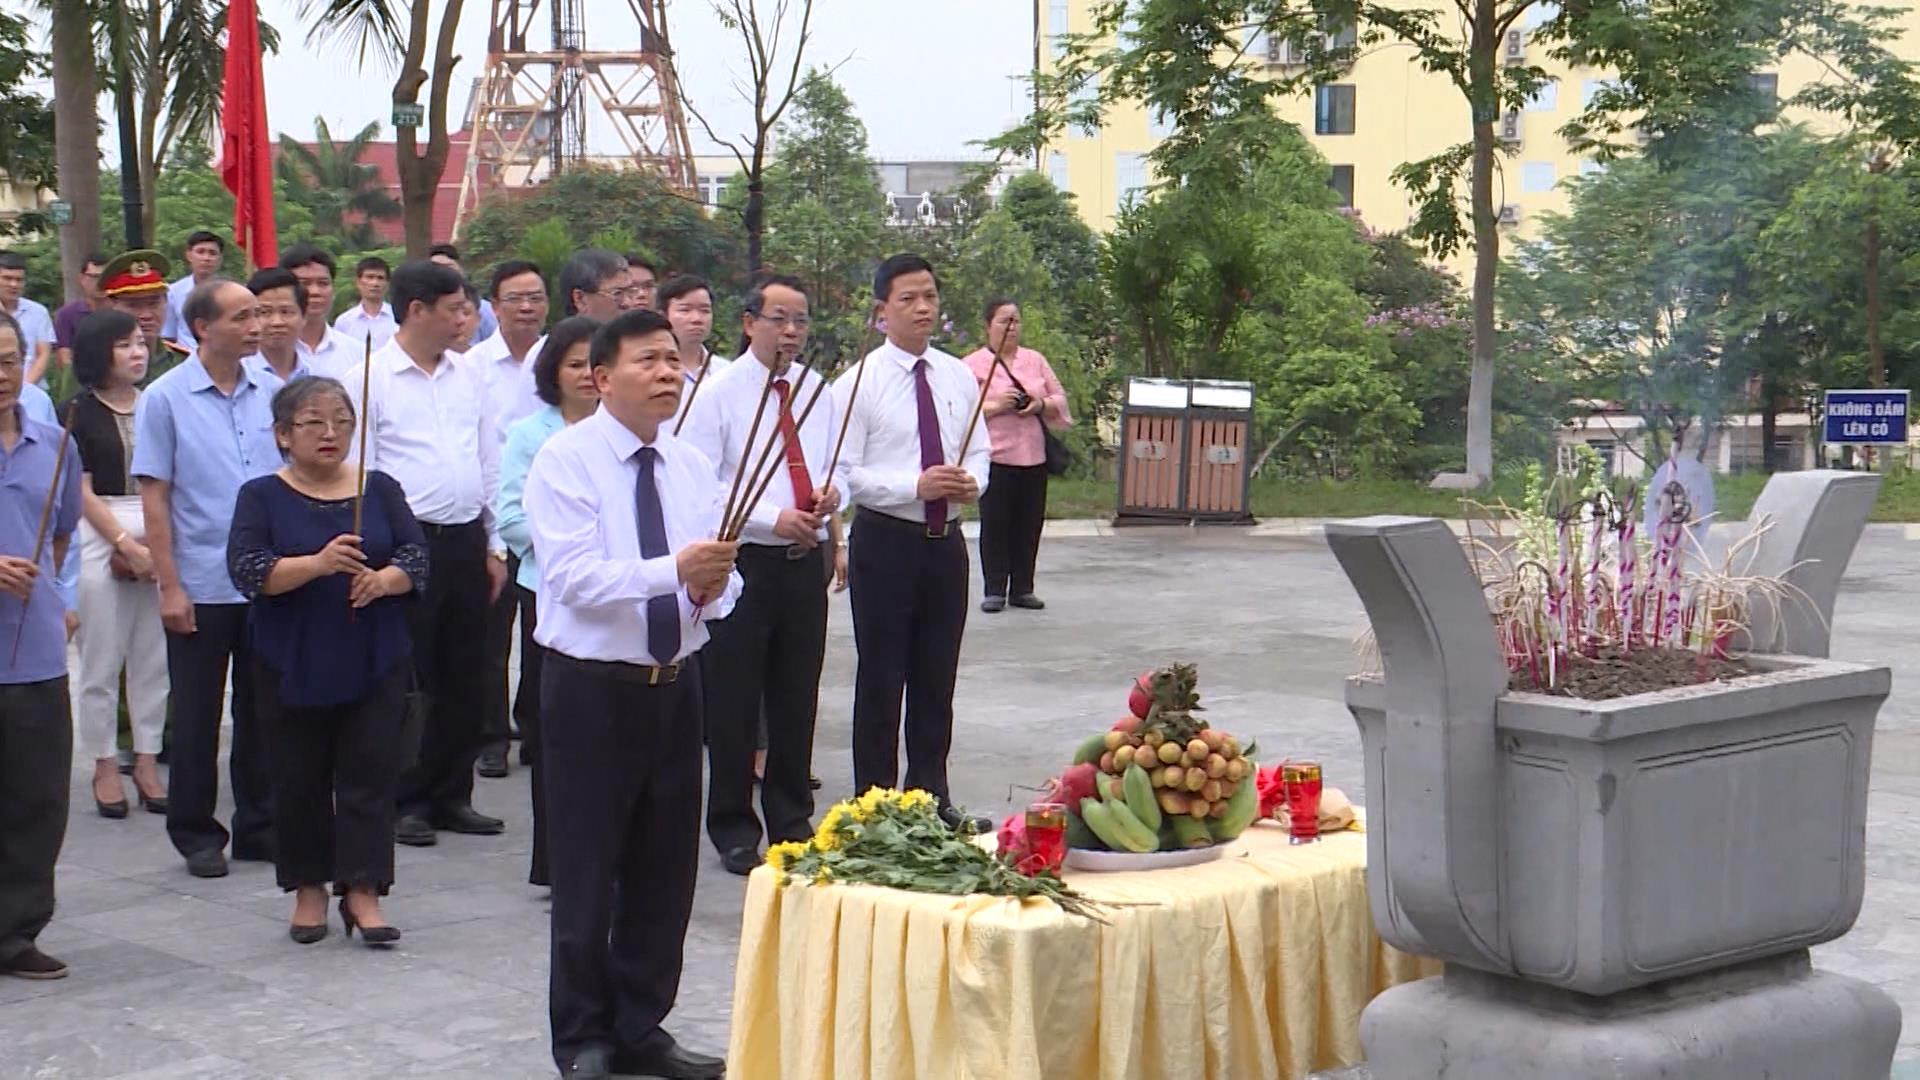 Dâng hương tưởng niệm 115 năm ngày sinh đồng chí Hoàng Quốc Việt